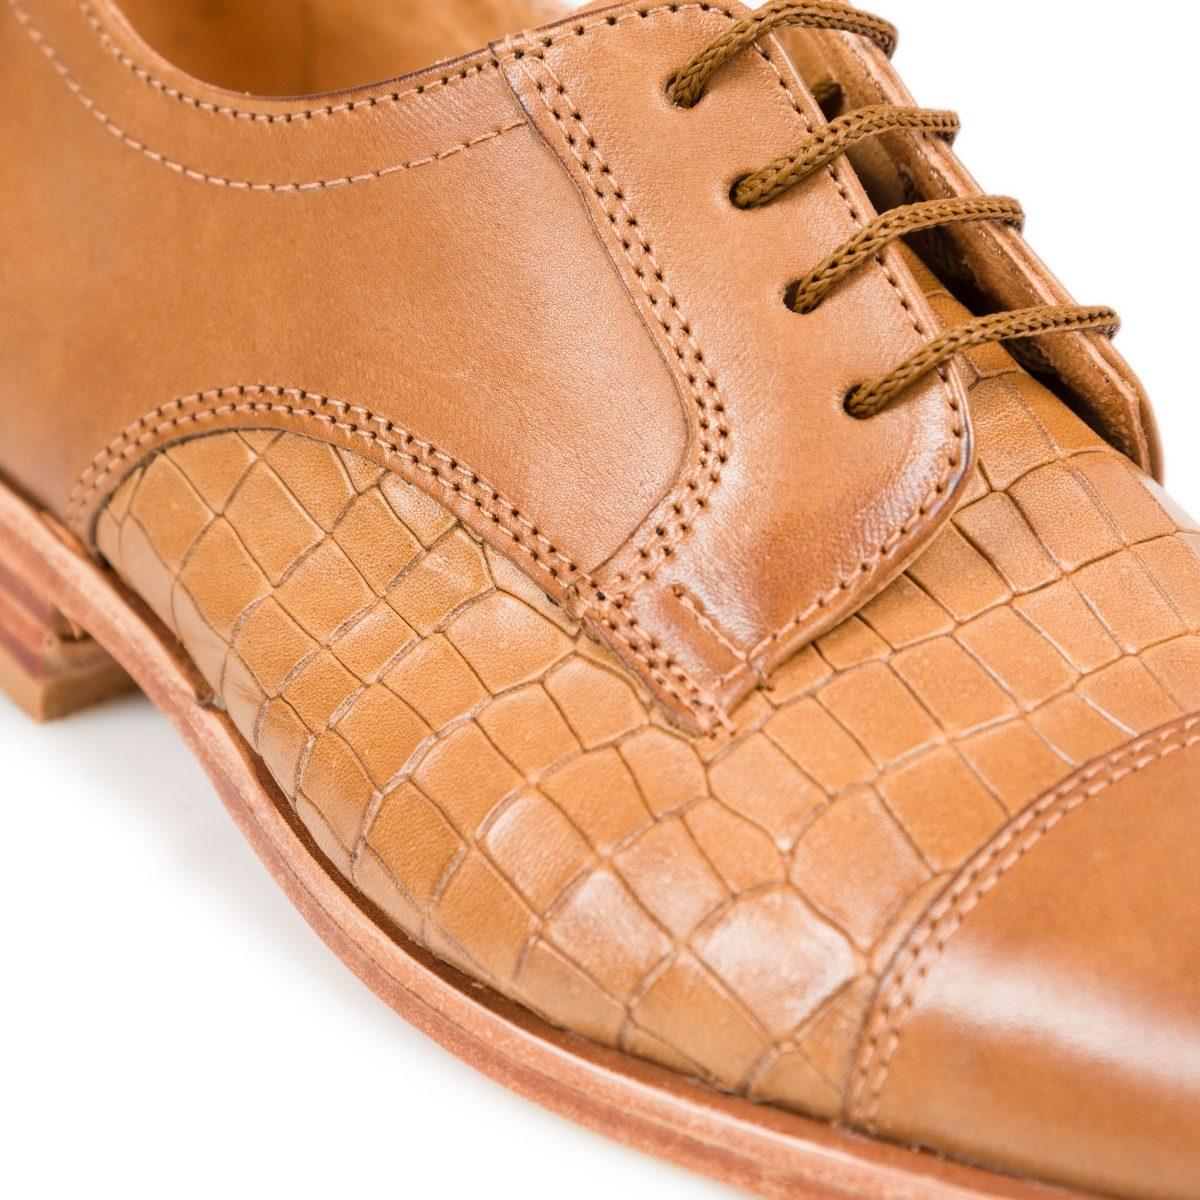 90f229add1 tremendo scarpe zapato hombre sport cuero suela cocodrilo. Cargando zoom.